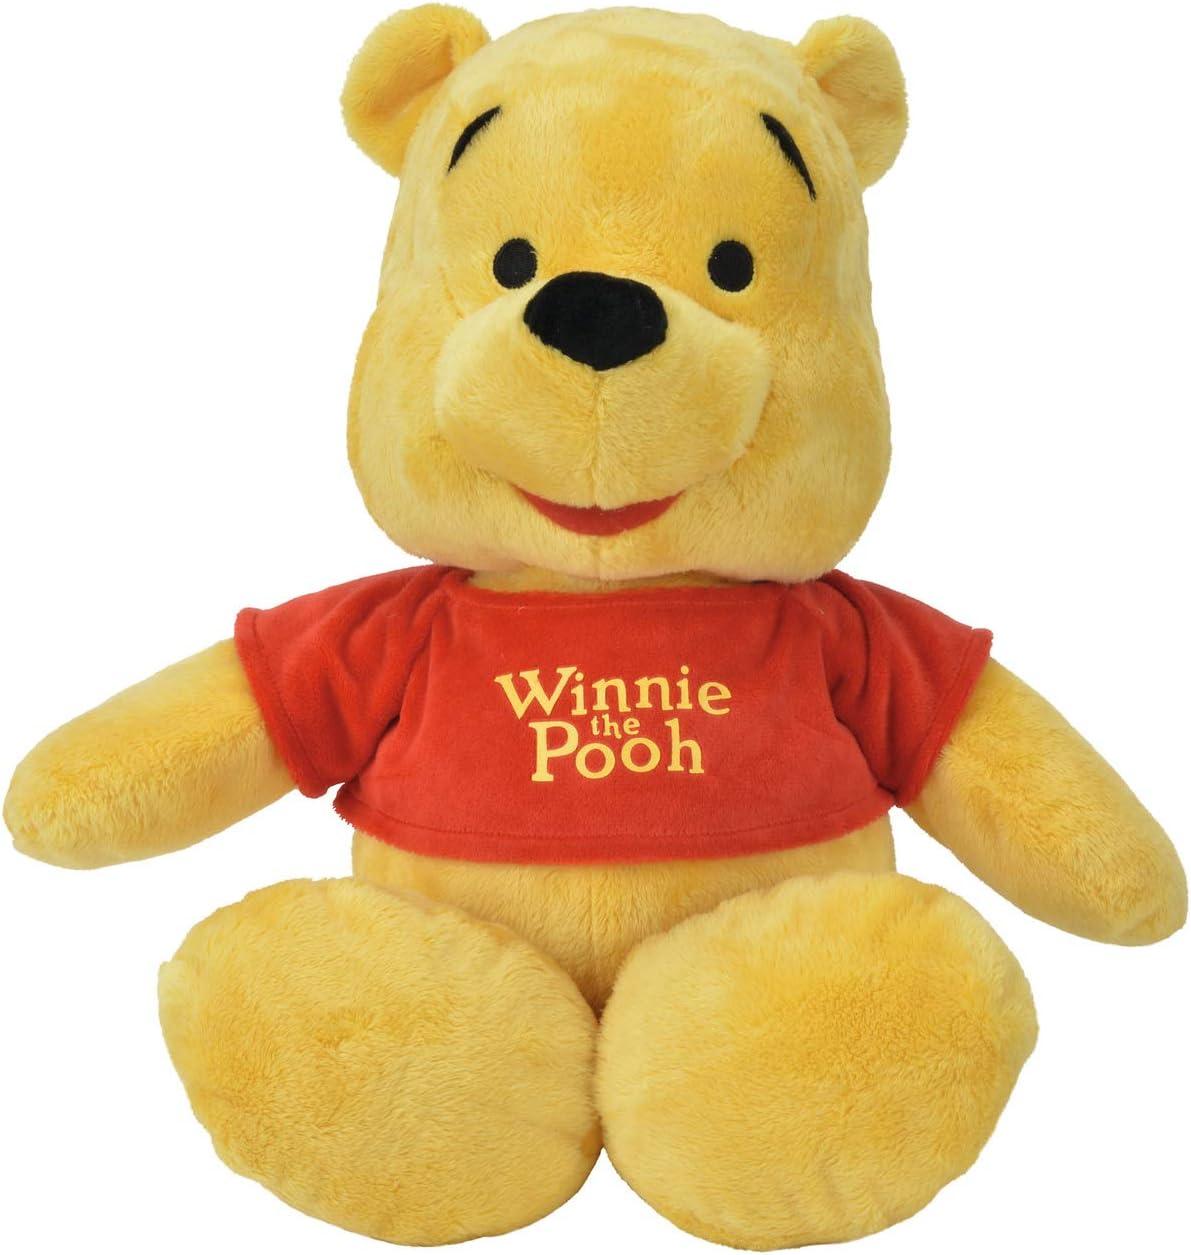 Simba- Winnie The Pooh Peluche 50cm, Color Rojo, Amarillo (6315875043)